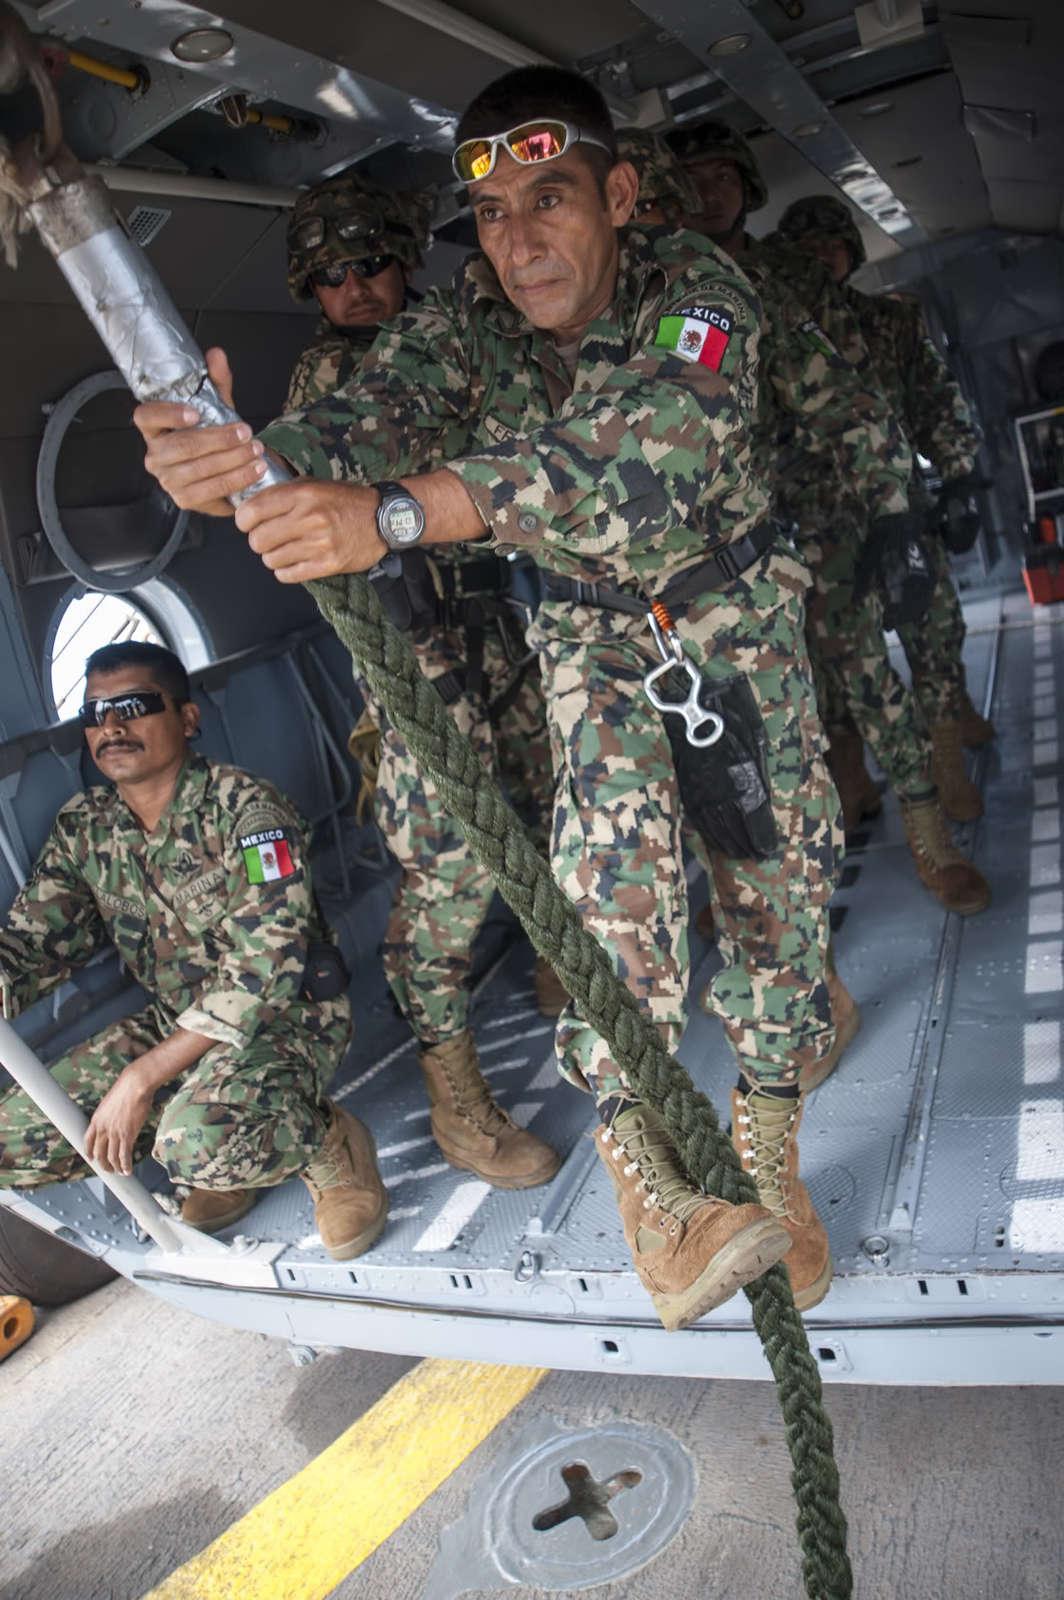 Participacion SEMAR Ejercicio RIMPAC 2014 - Página 2 Mi17_MEXICANNAVYUSUMACINTA2012